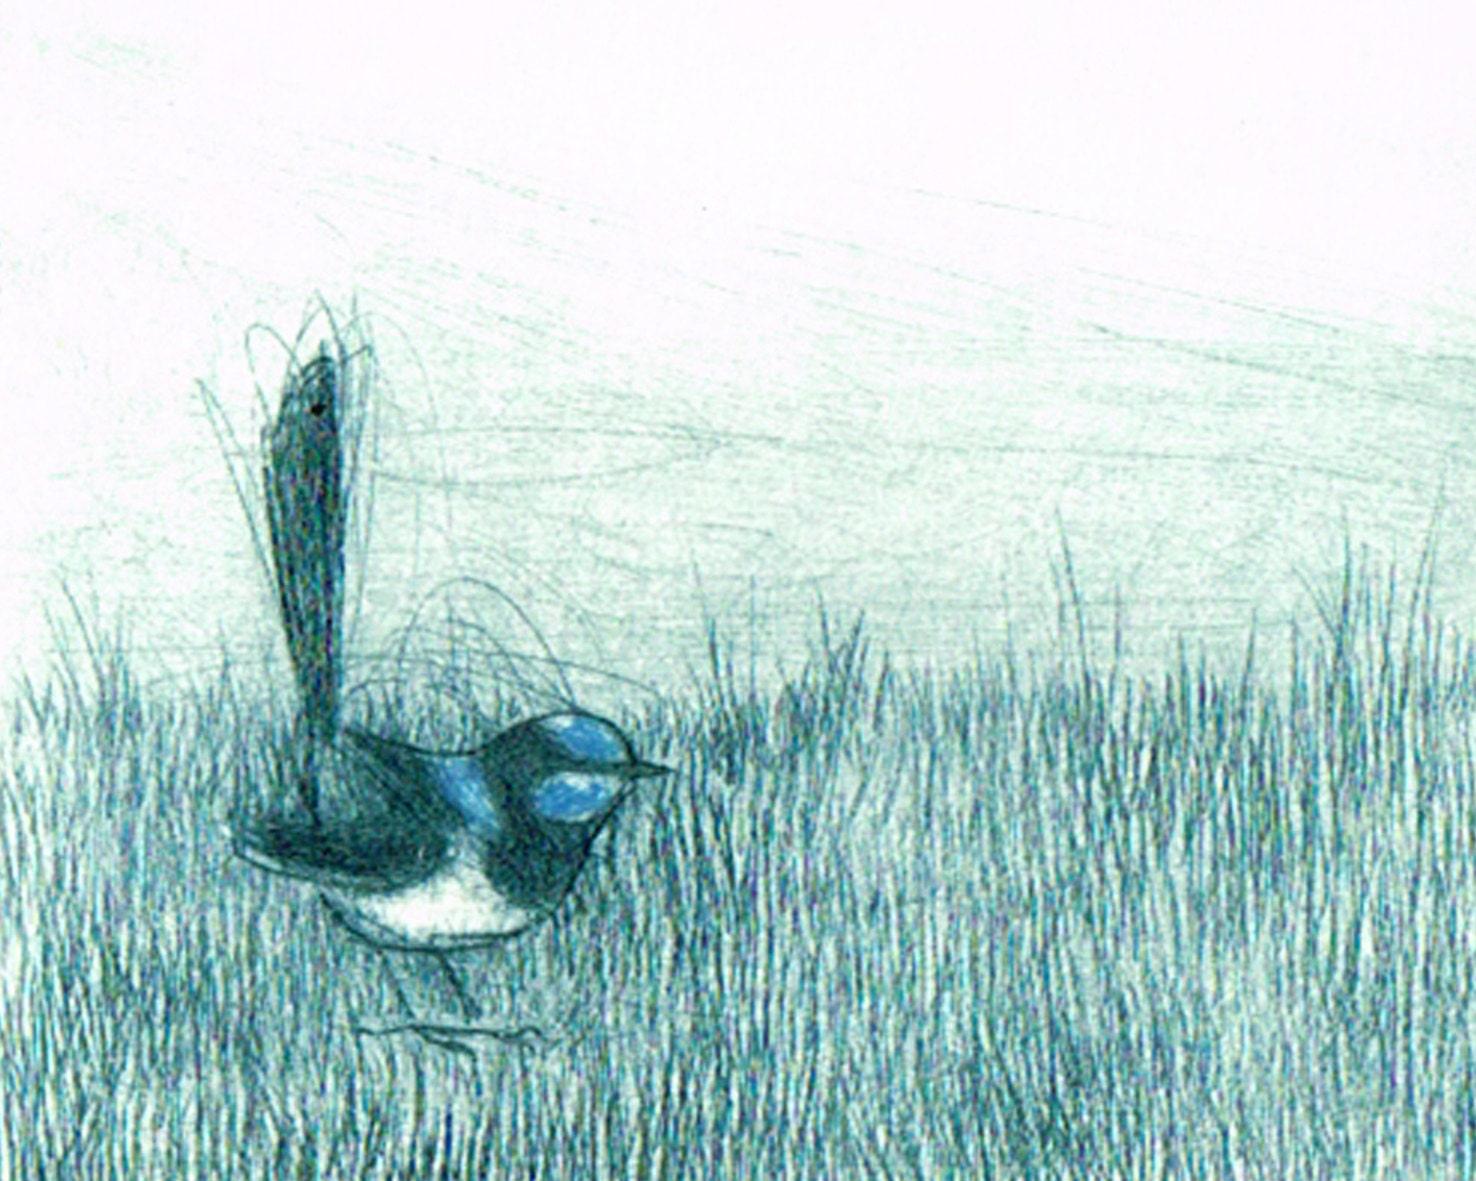 Etching, Fine Art, Hand Pulled Original Print, Australian Native BIrd, Blue Wren, Bird Art, - BridgetFarmerArtist